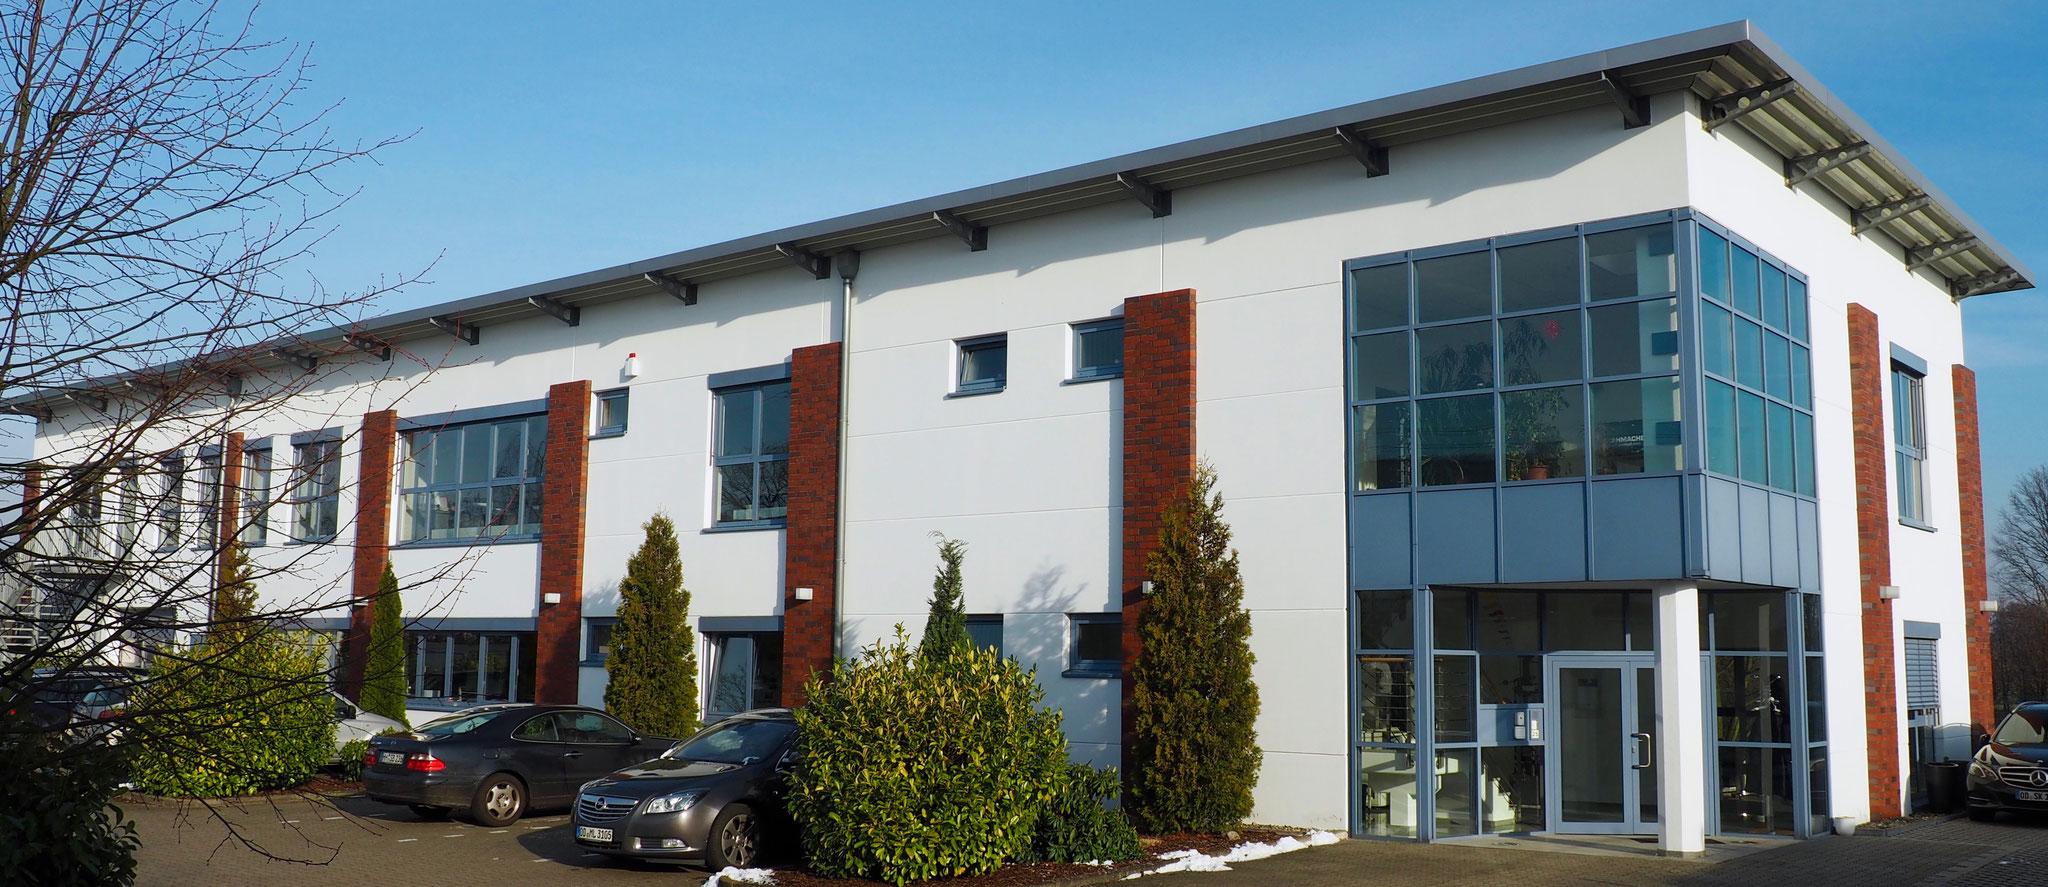 Ons testlaboratorium behoort tot de toonaangevende instituten in Duitsland op het gebied van kunststoffen en kunststofcomposieten.